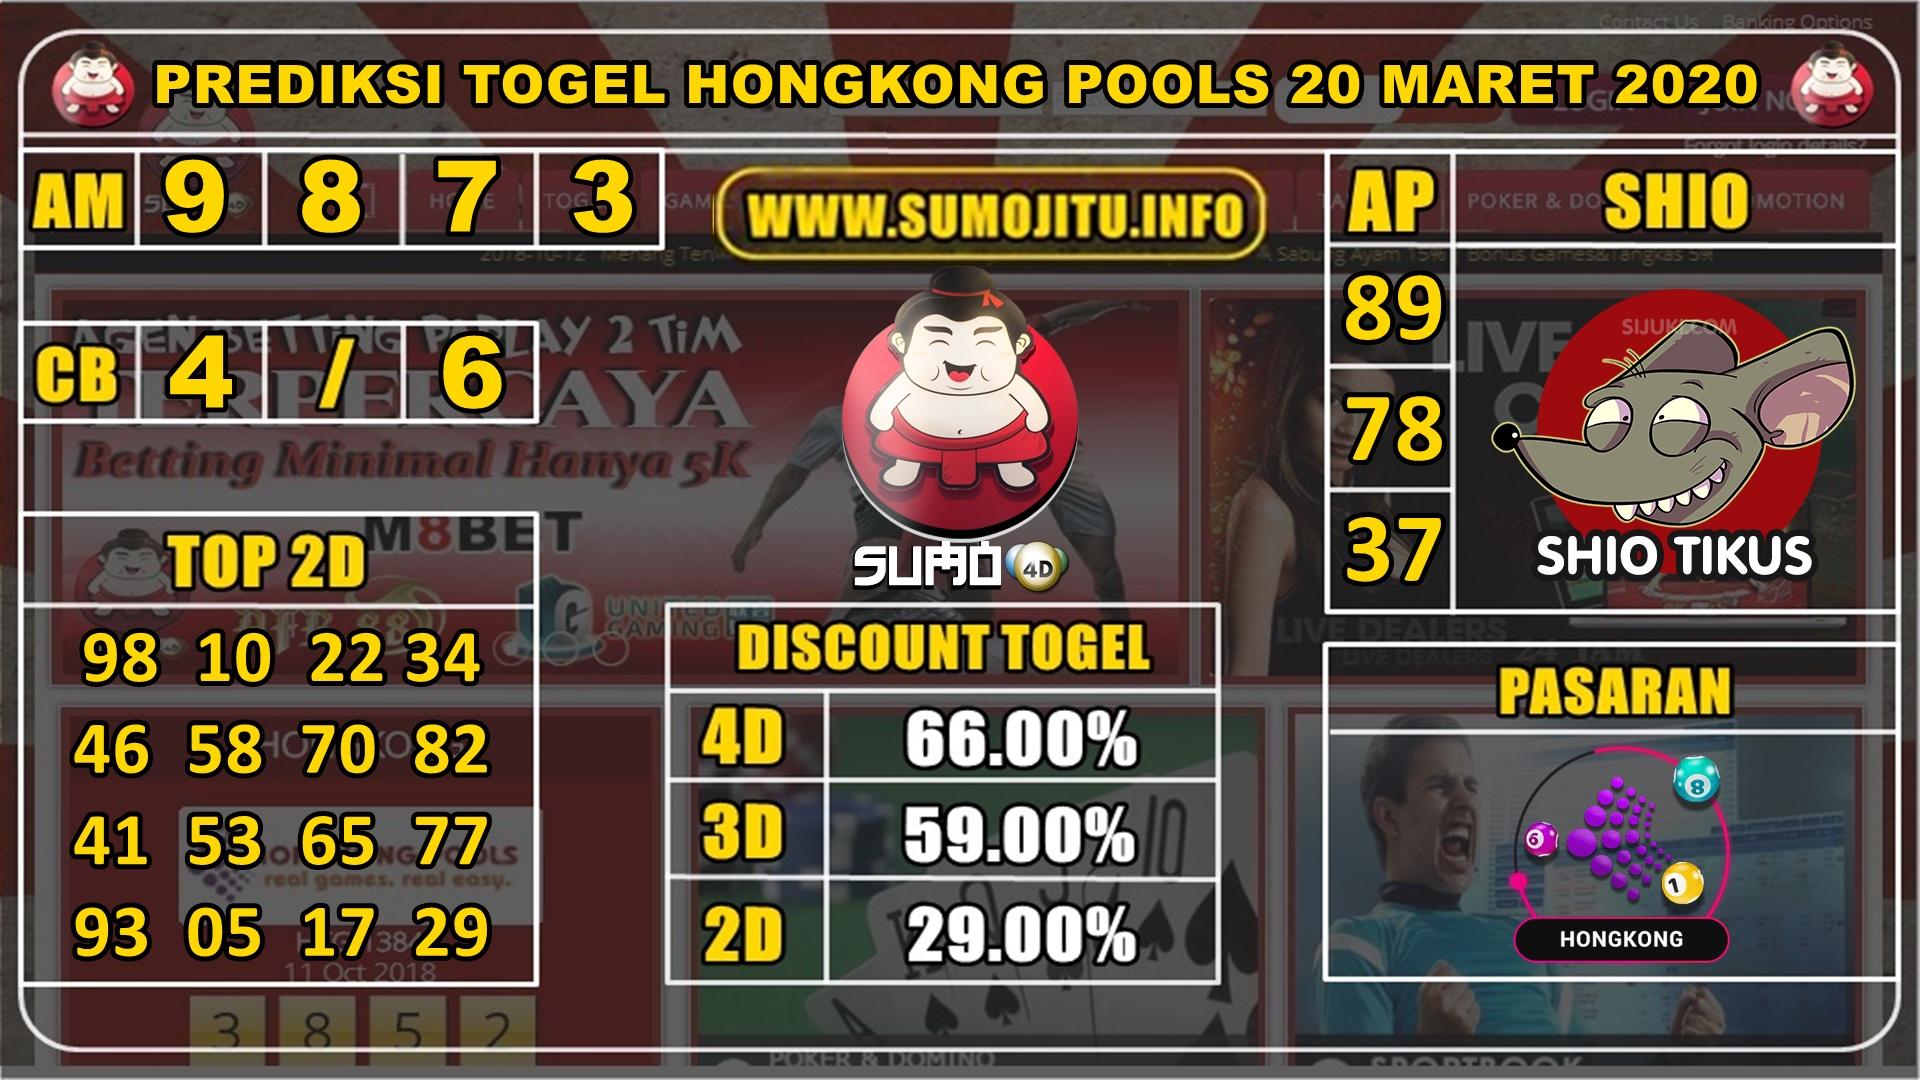 PREDIKSI TOGEL HONGKONG POOLS 20 MARET 2020